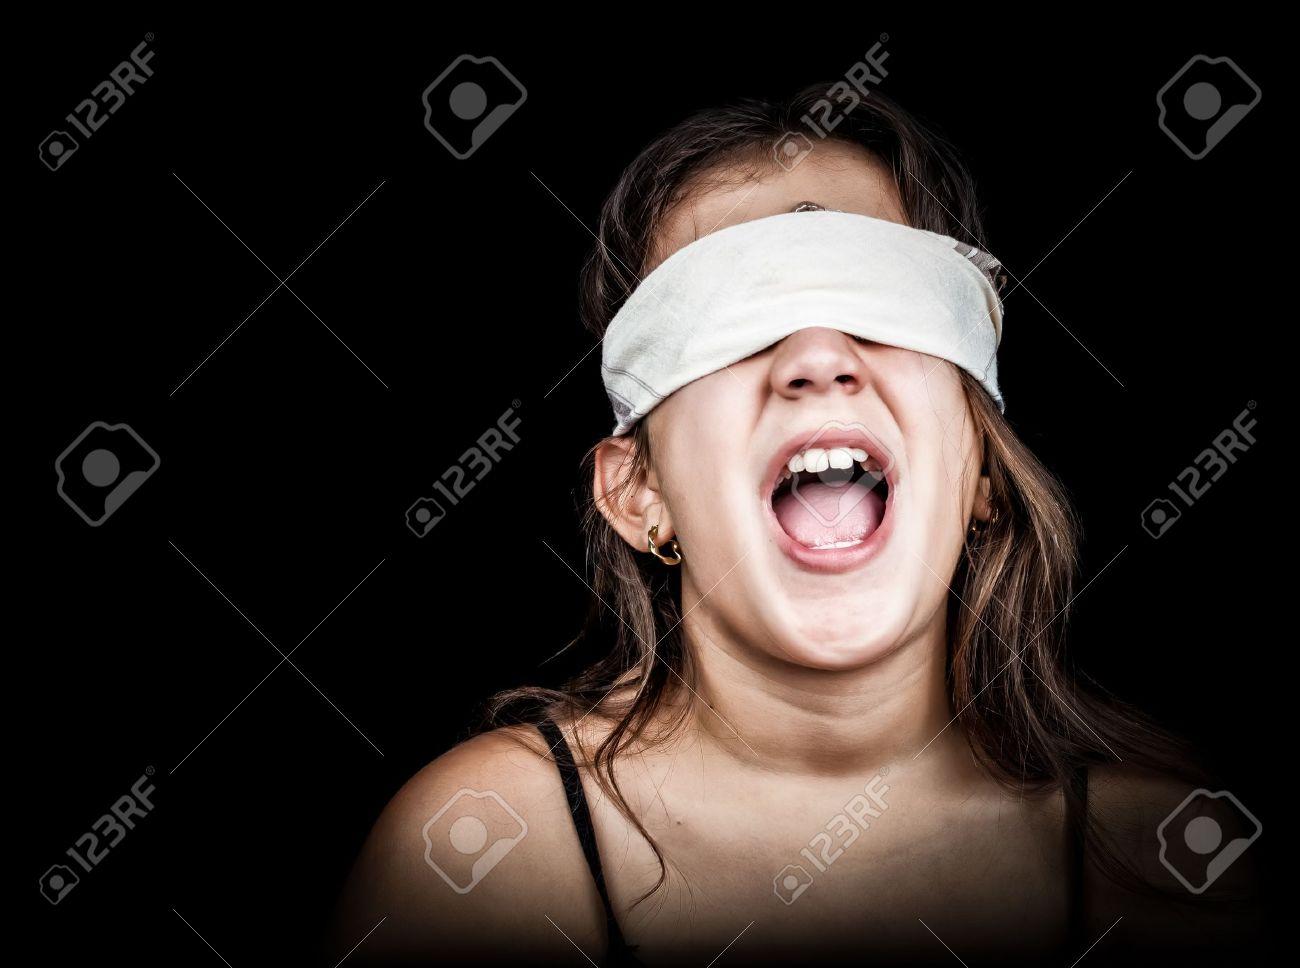 Профессиональные фото девушек с завязанными глазами 26 фотография